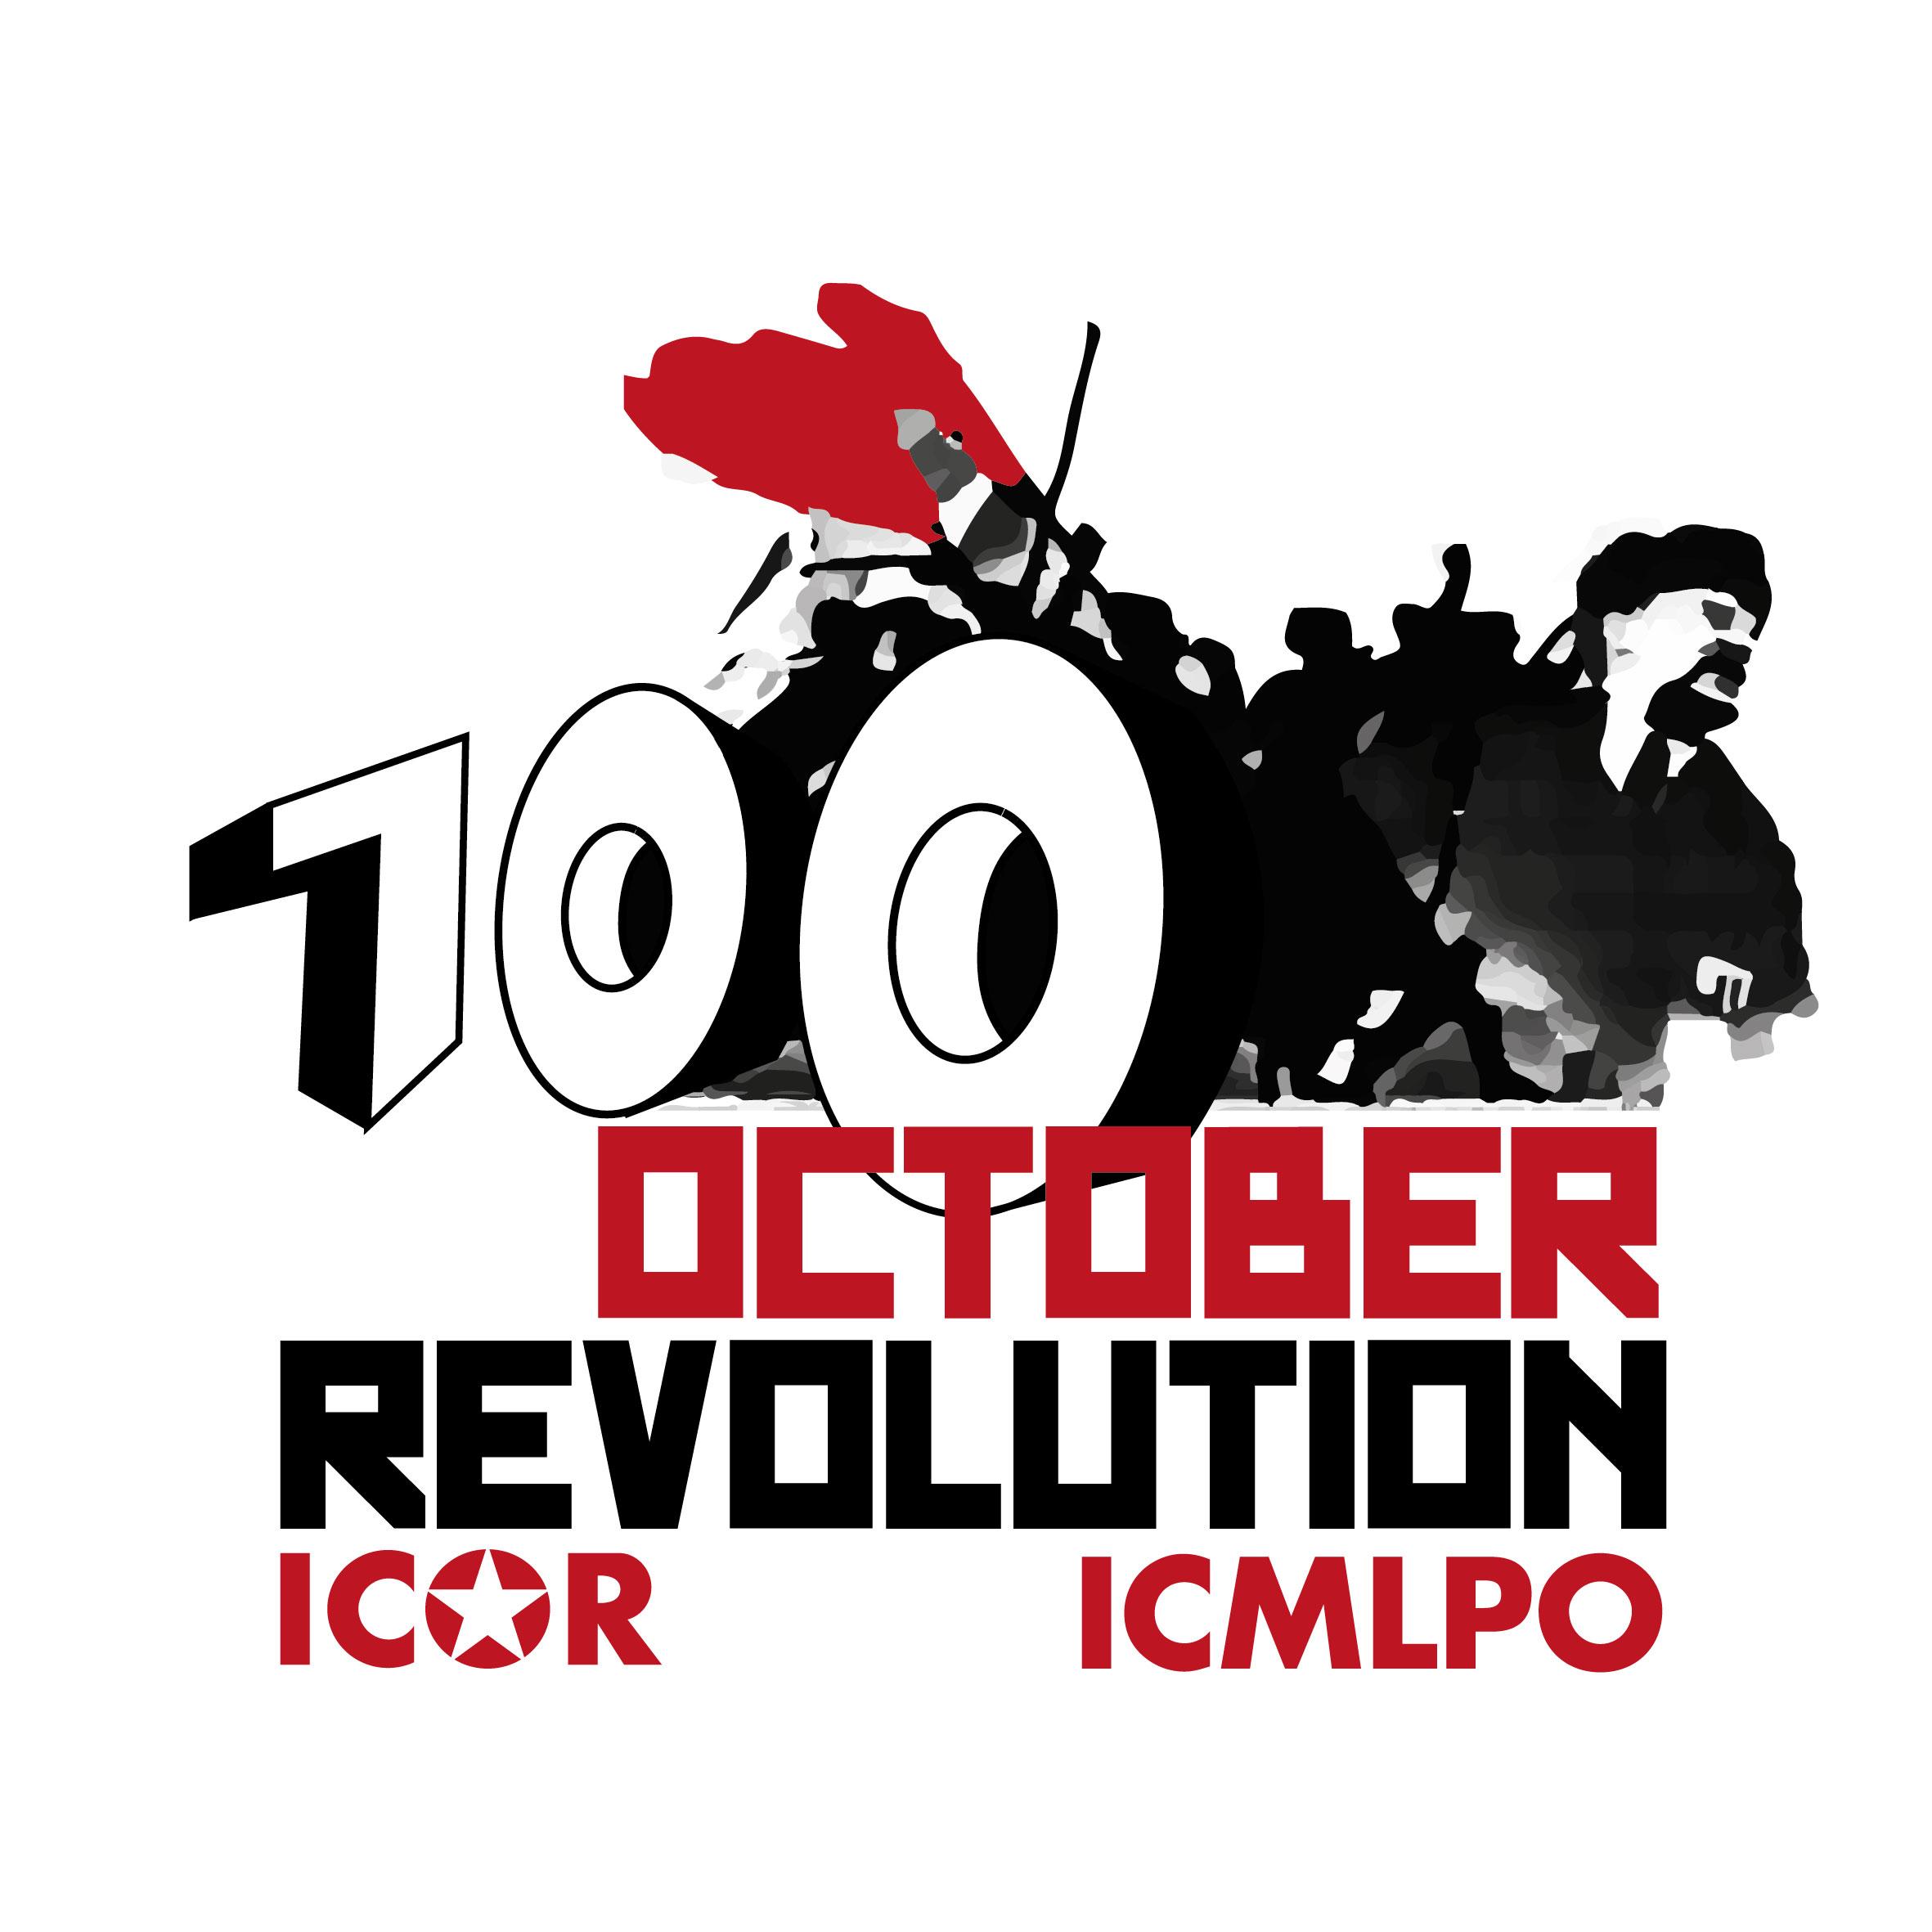 Заявка на участие в праздновании 100-летия Великой Октябрьской Социалистической революции в Санкт-Петербурге, РФ